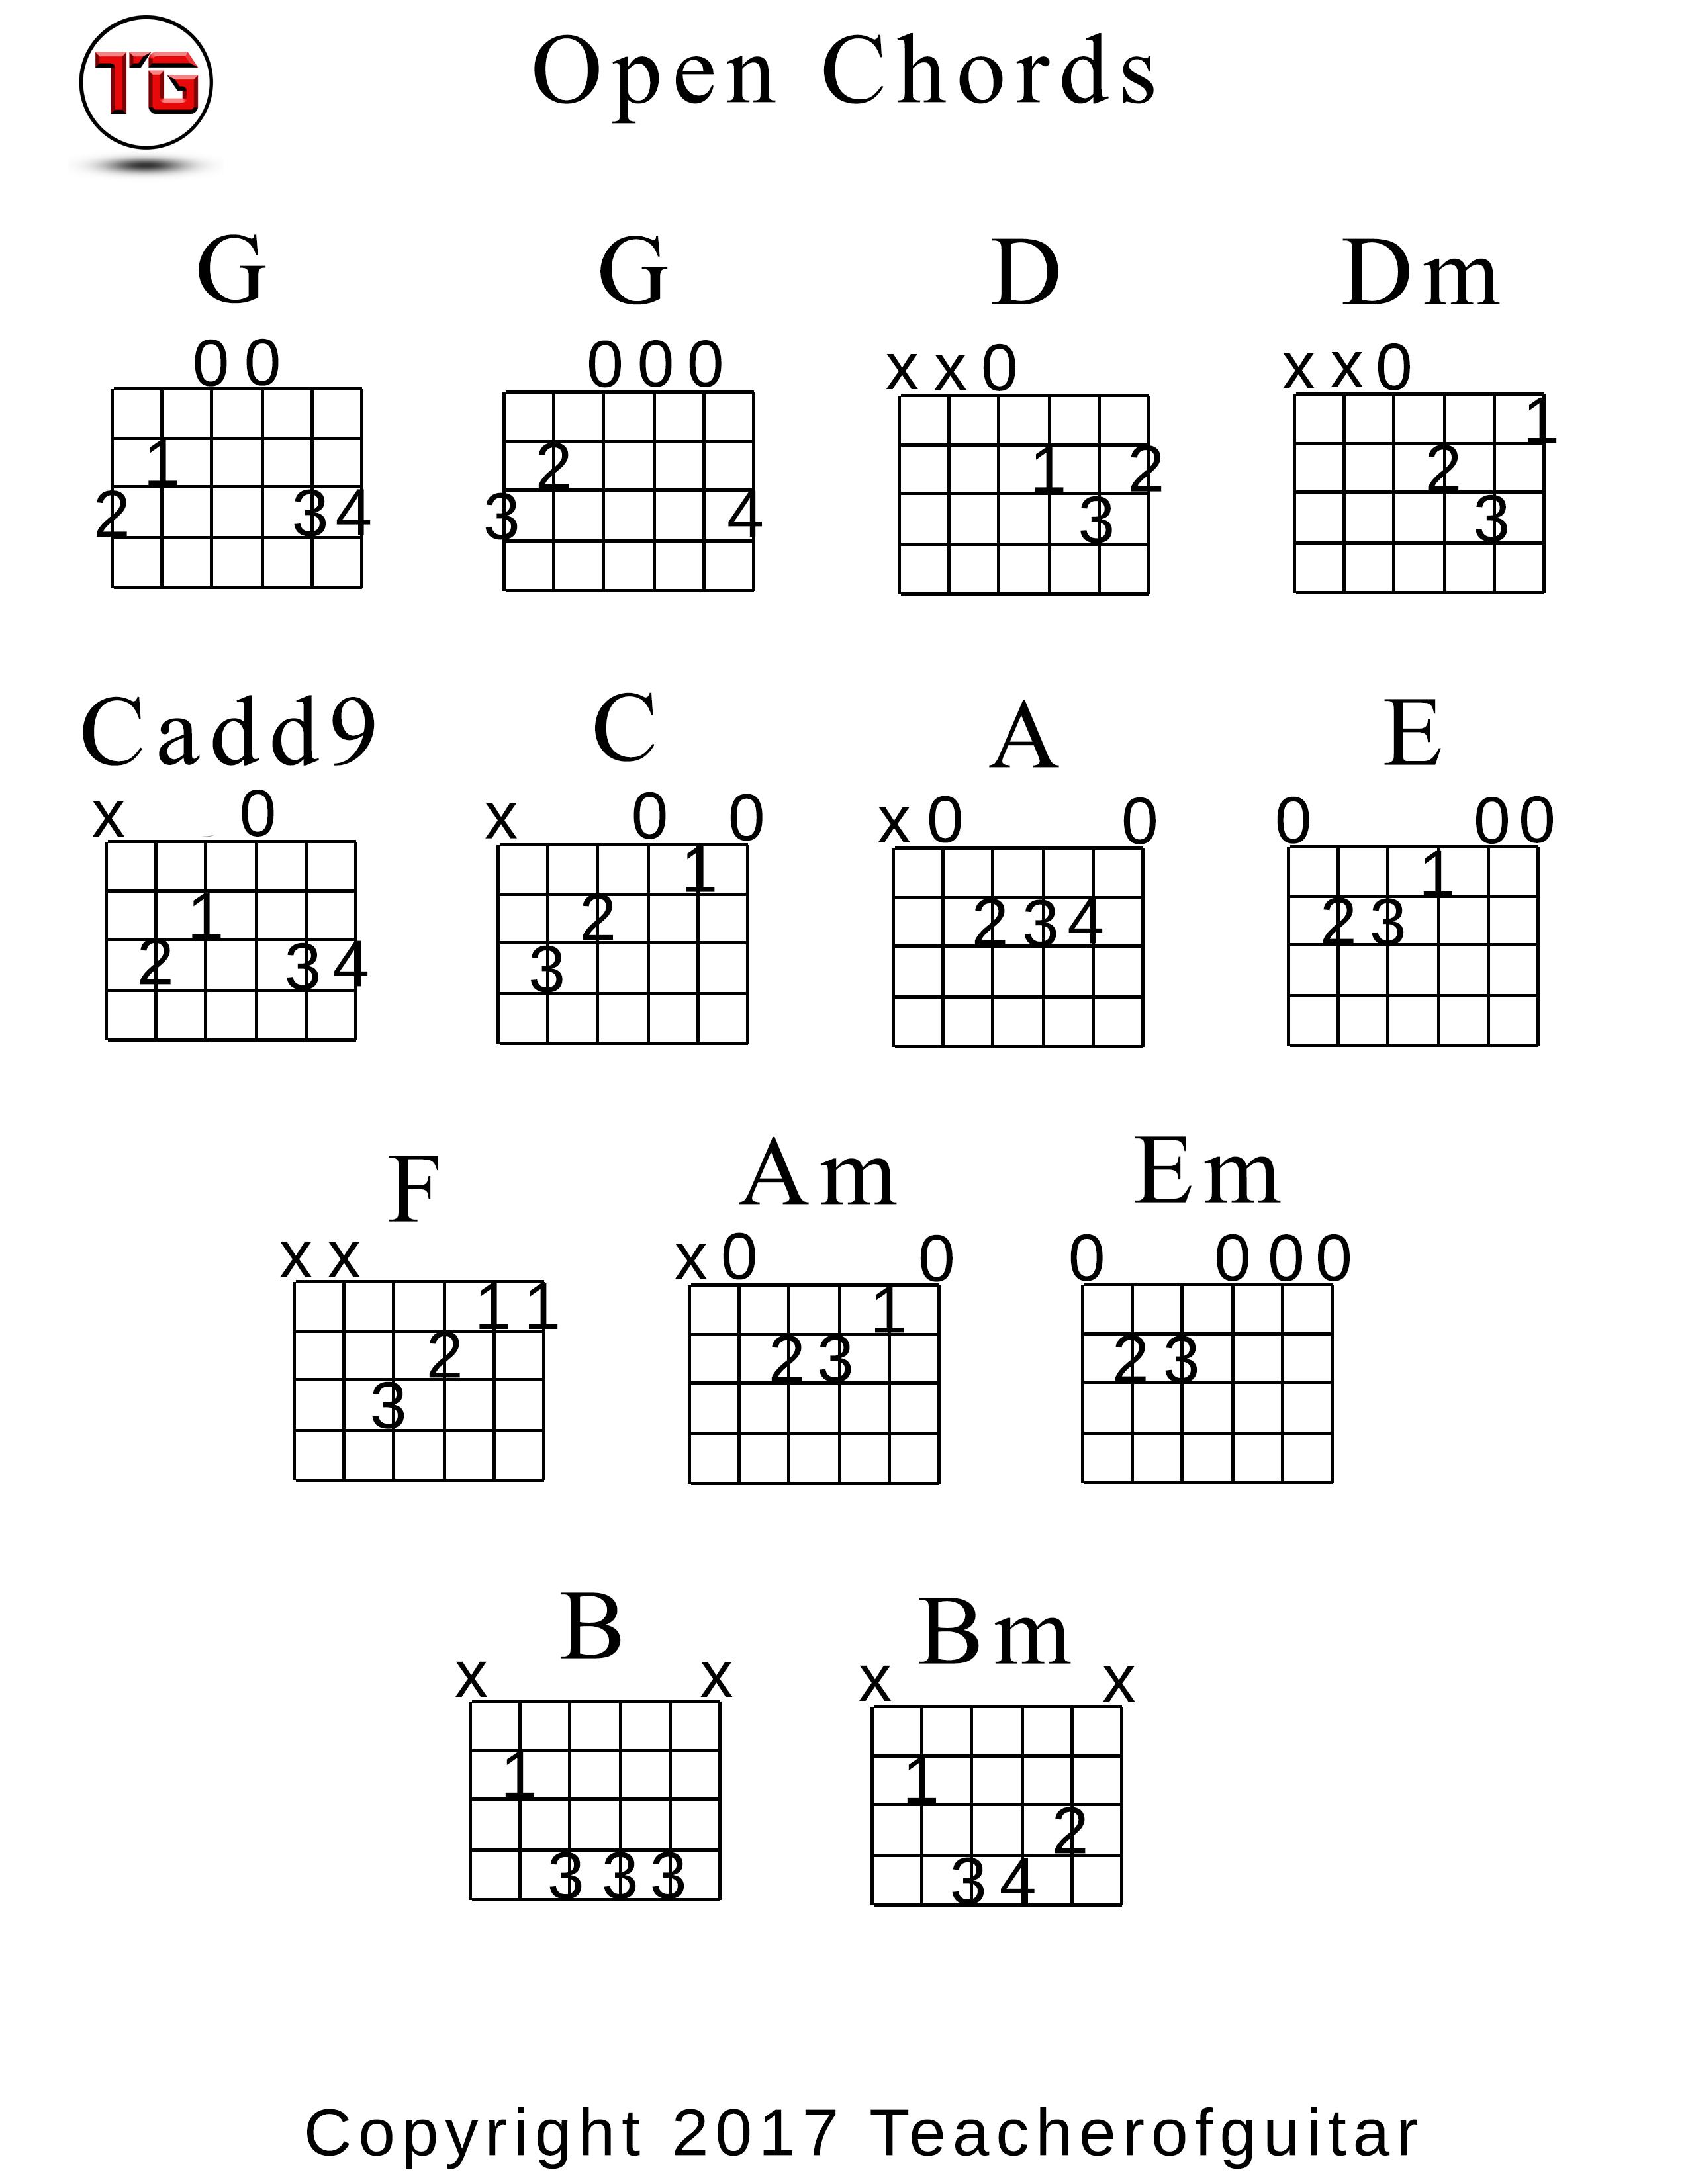 Open Chords Teacher Of Guitar